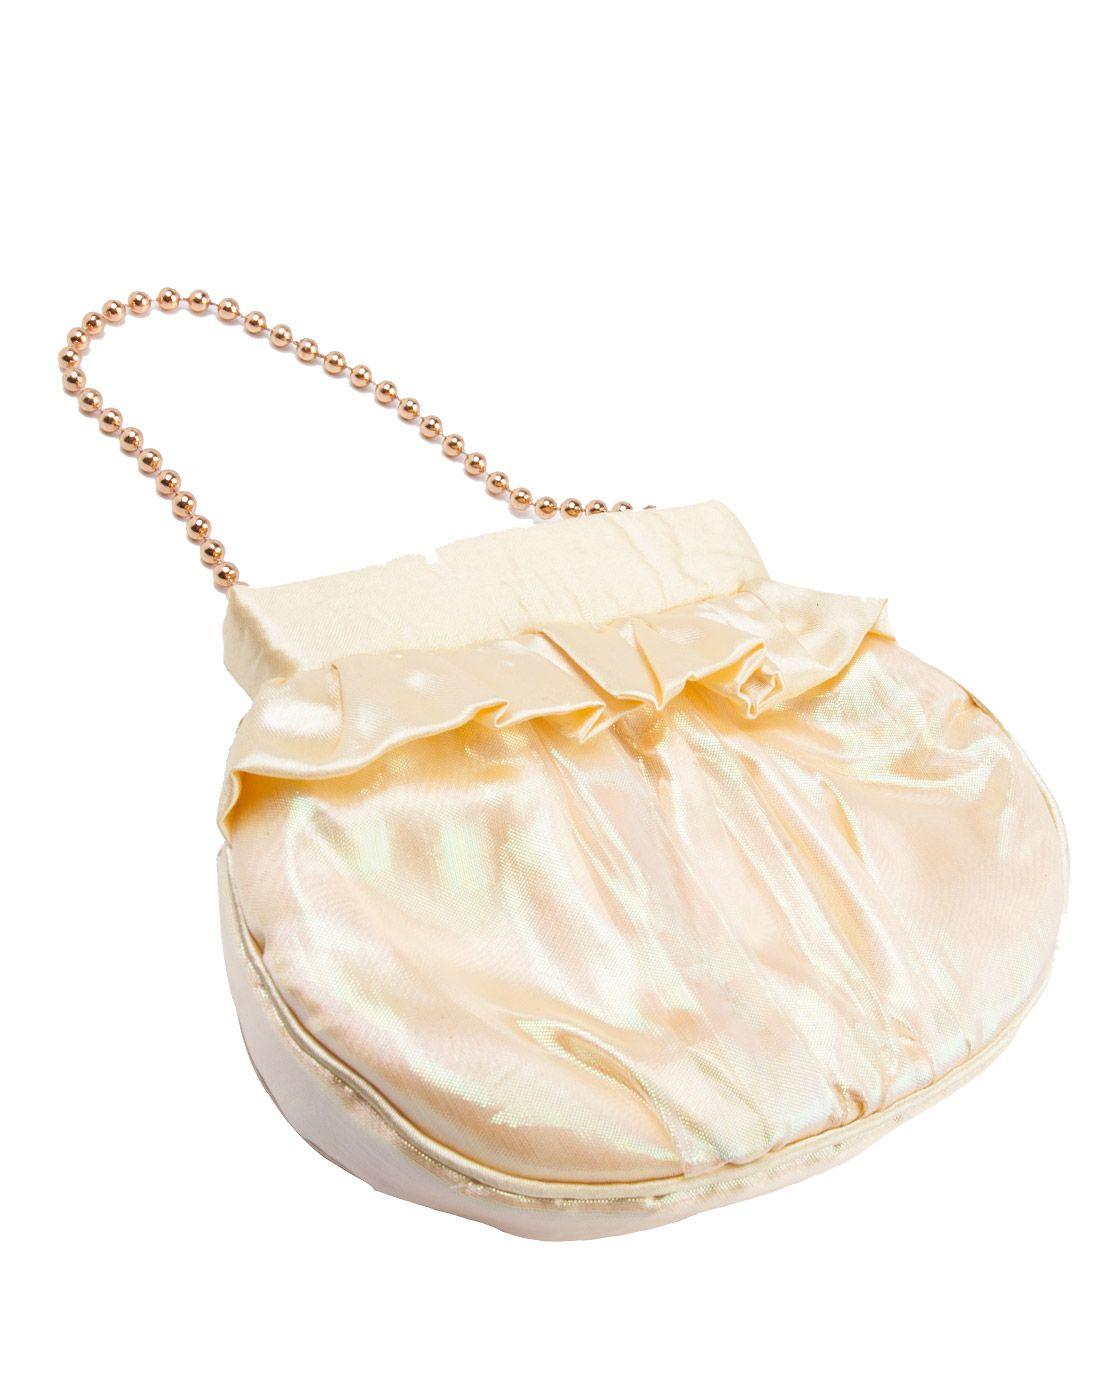 迪士尼公主系列之华丽礼服裙专场迪士尼贝尔公主包包